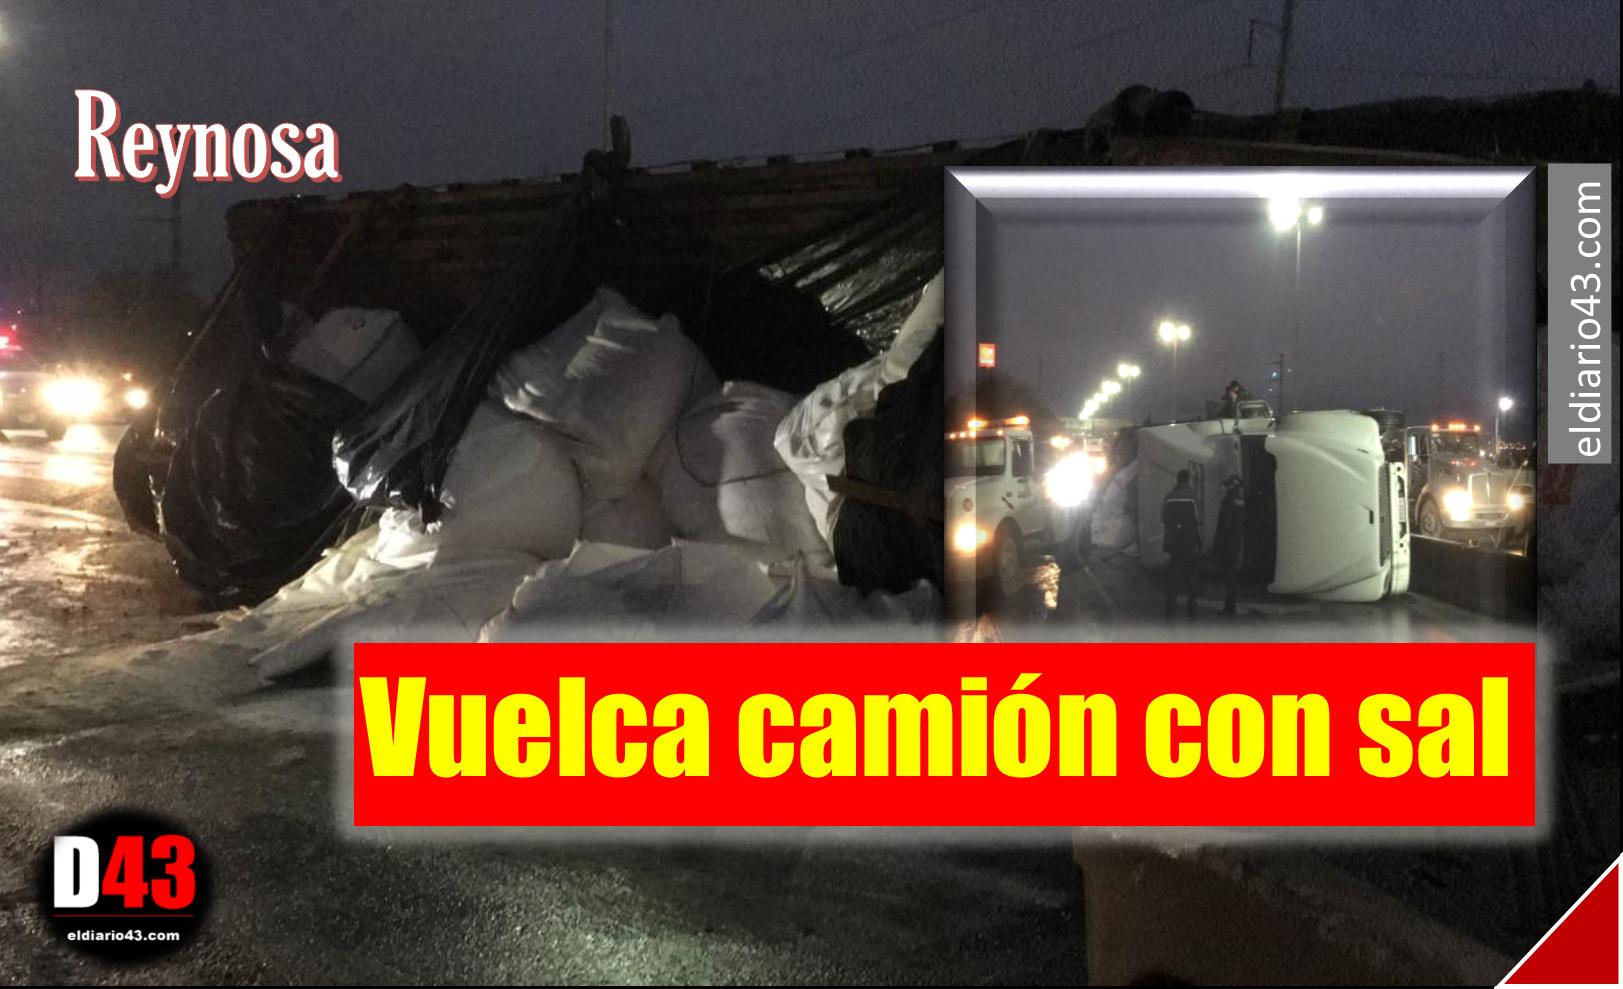 Vuelca camión cargado de sal en Reynosa